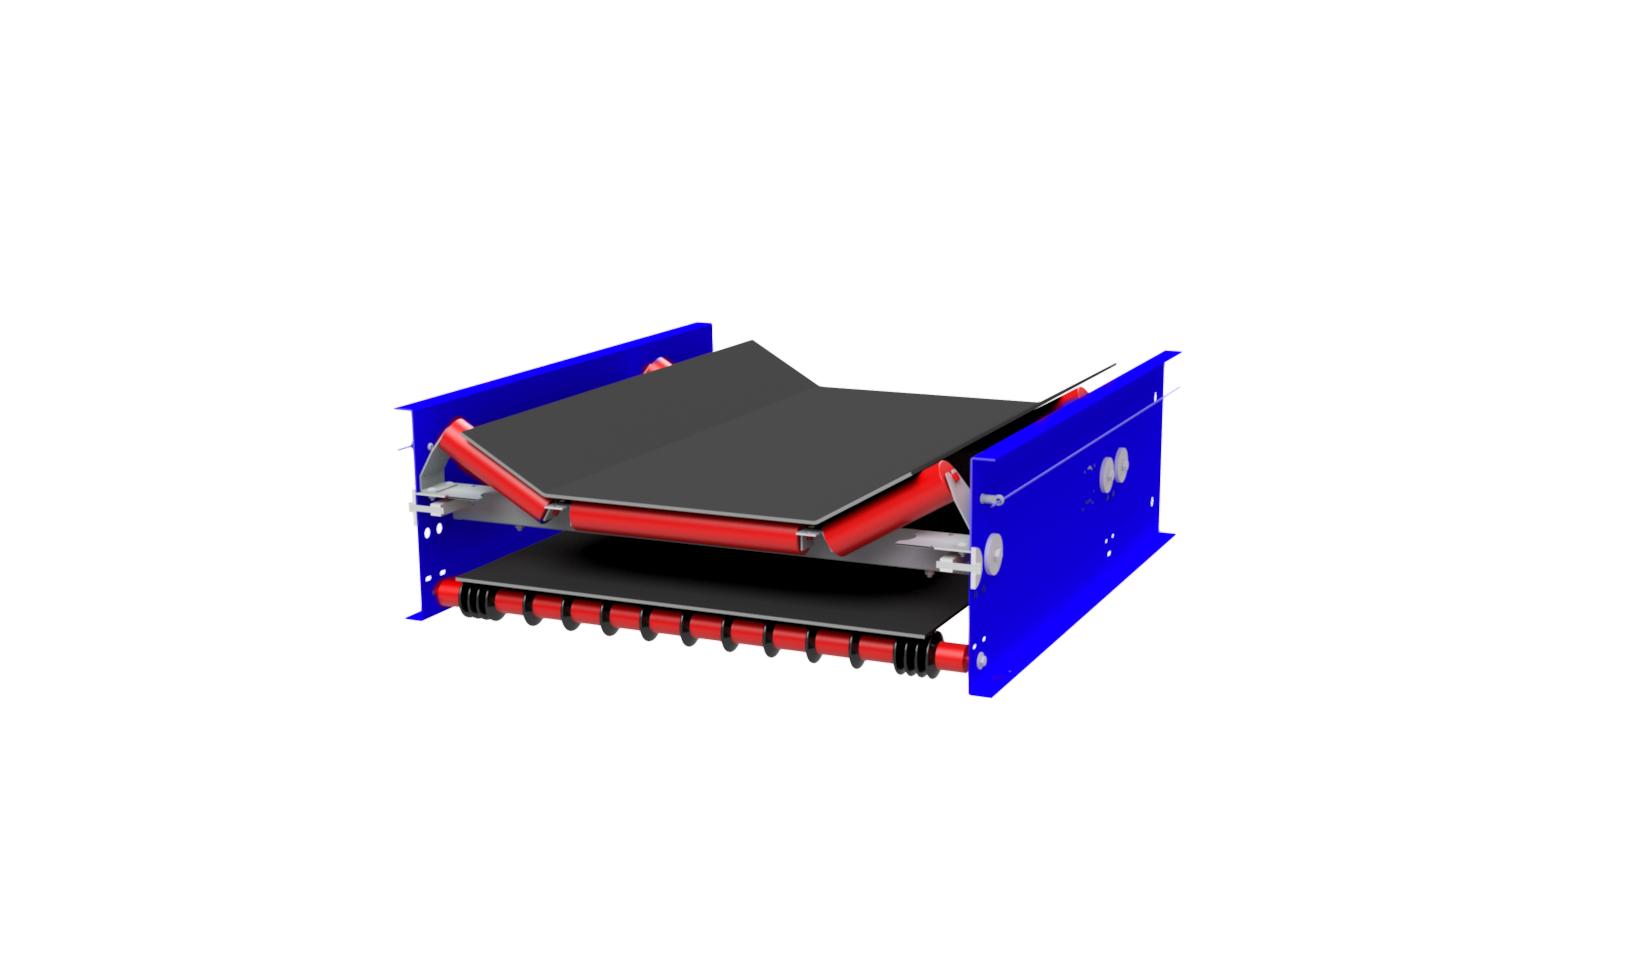 WENDT Ucon Standard Conveyor